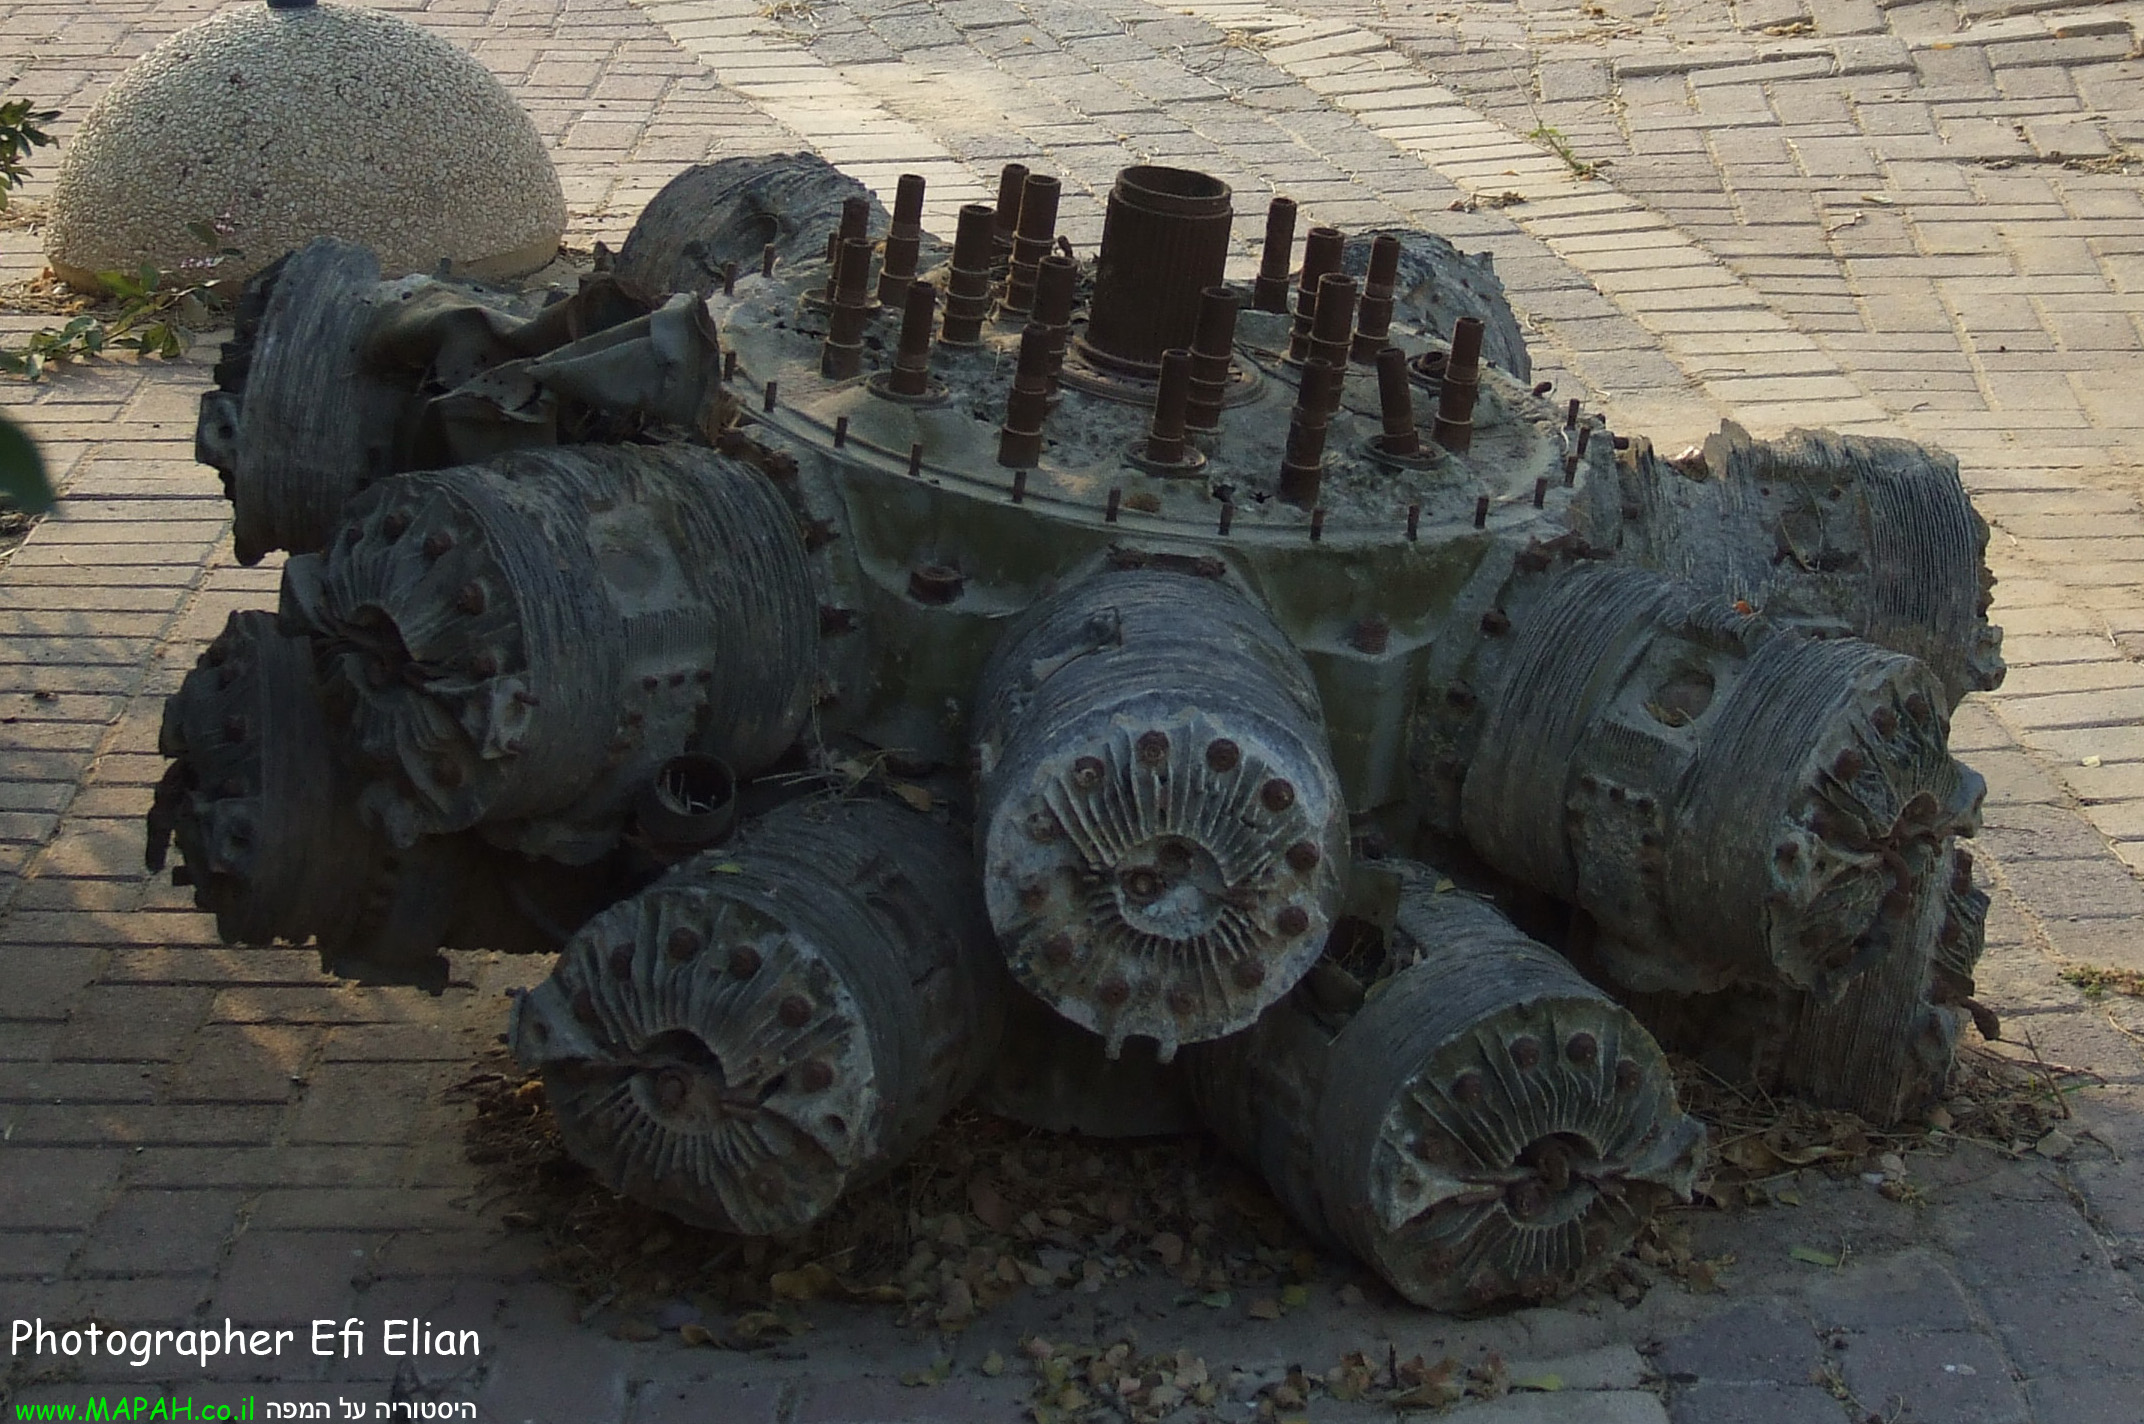 שרידי מנועו של מטוס הבופייטר ד-171 שנמצאו באשדוד - צילום: אפי אליאן